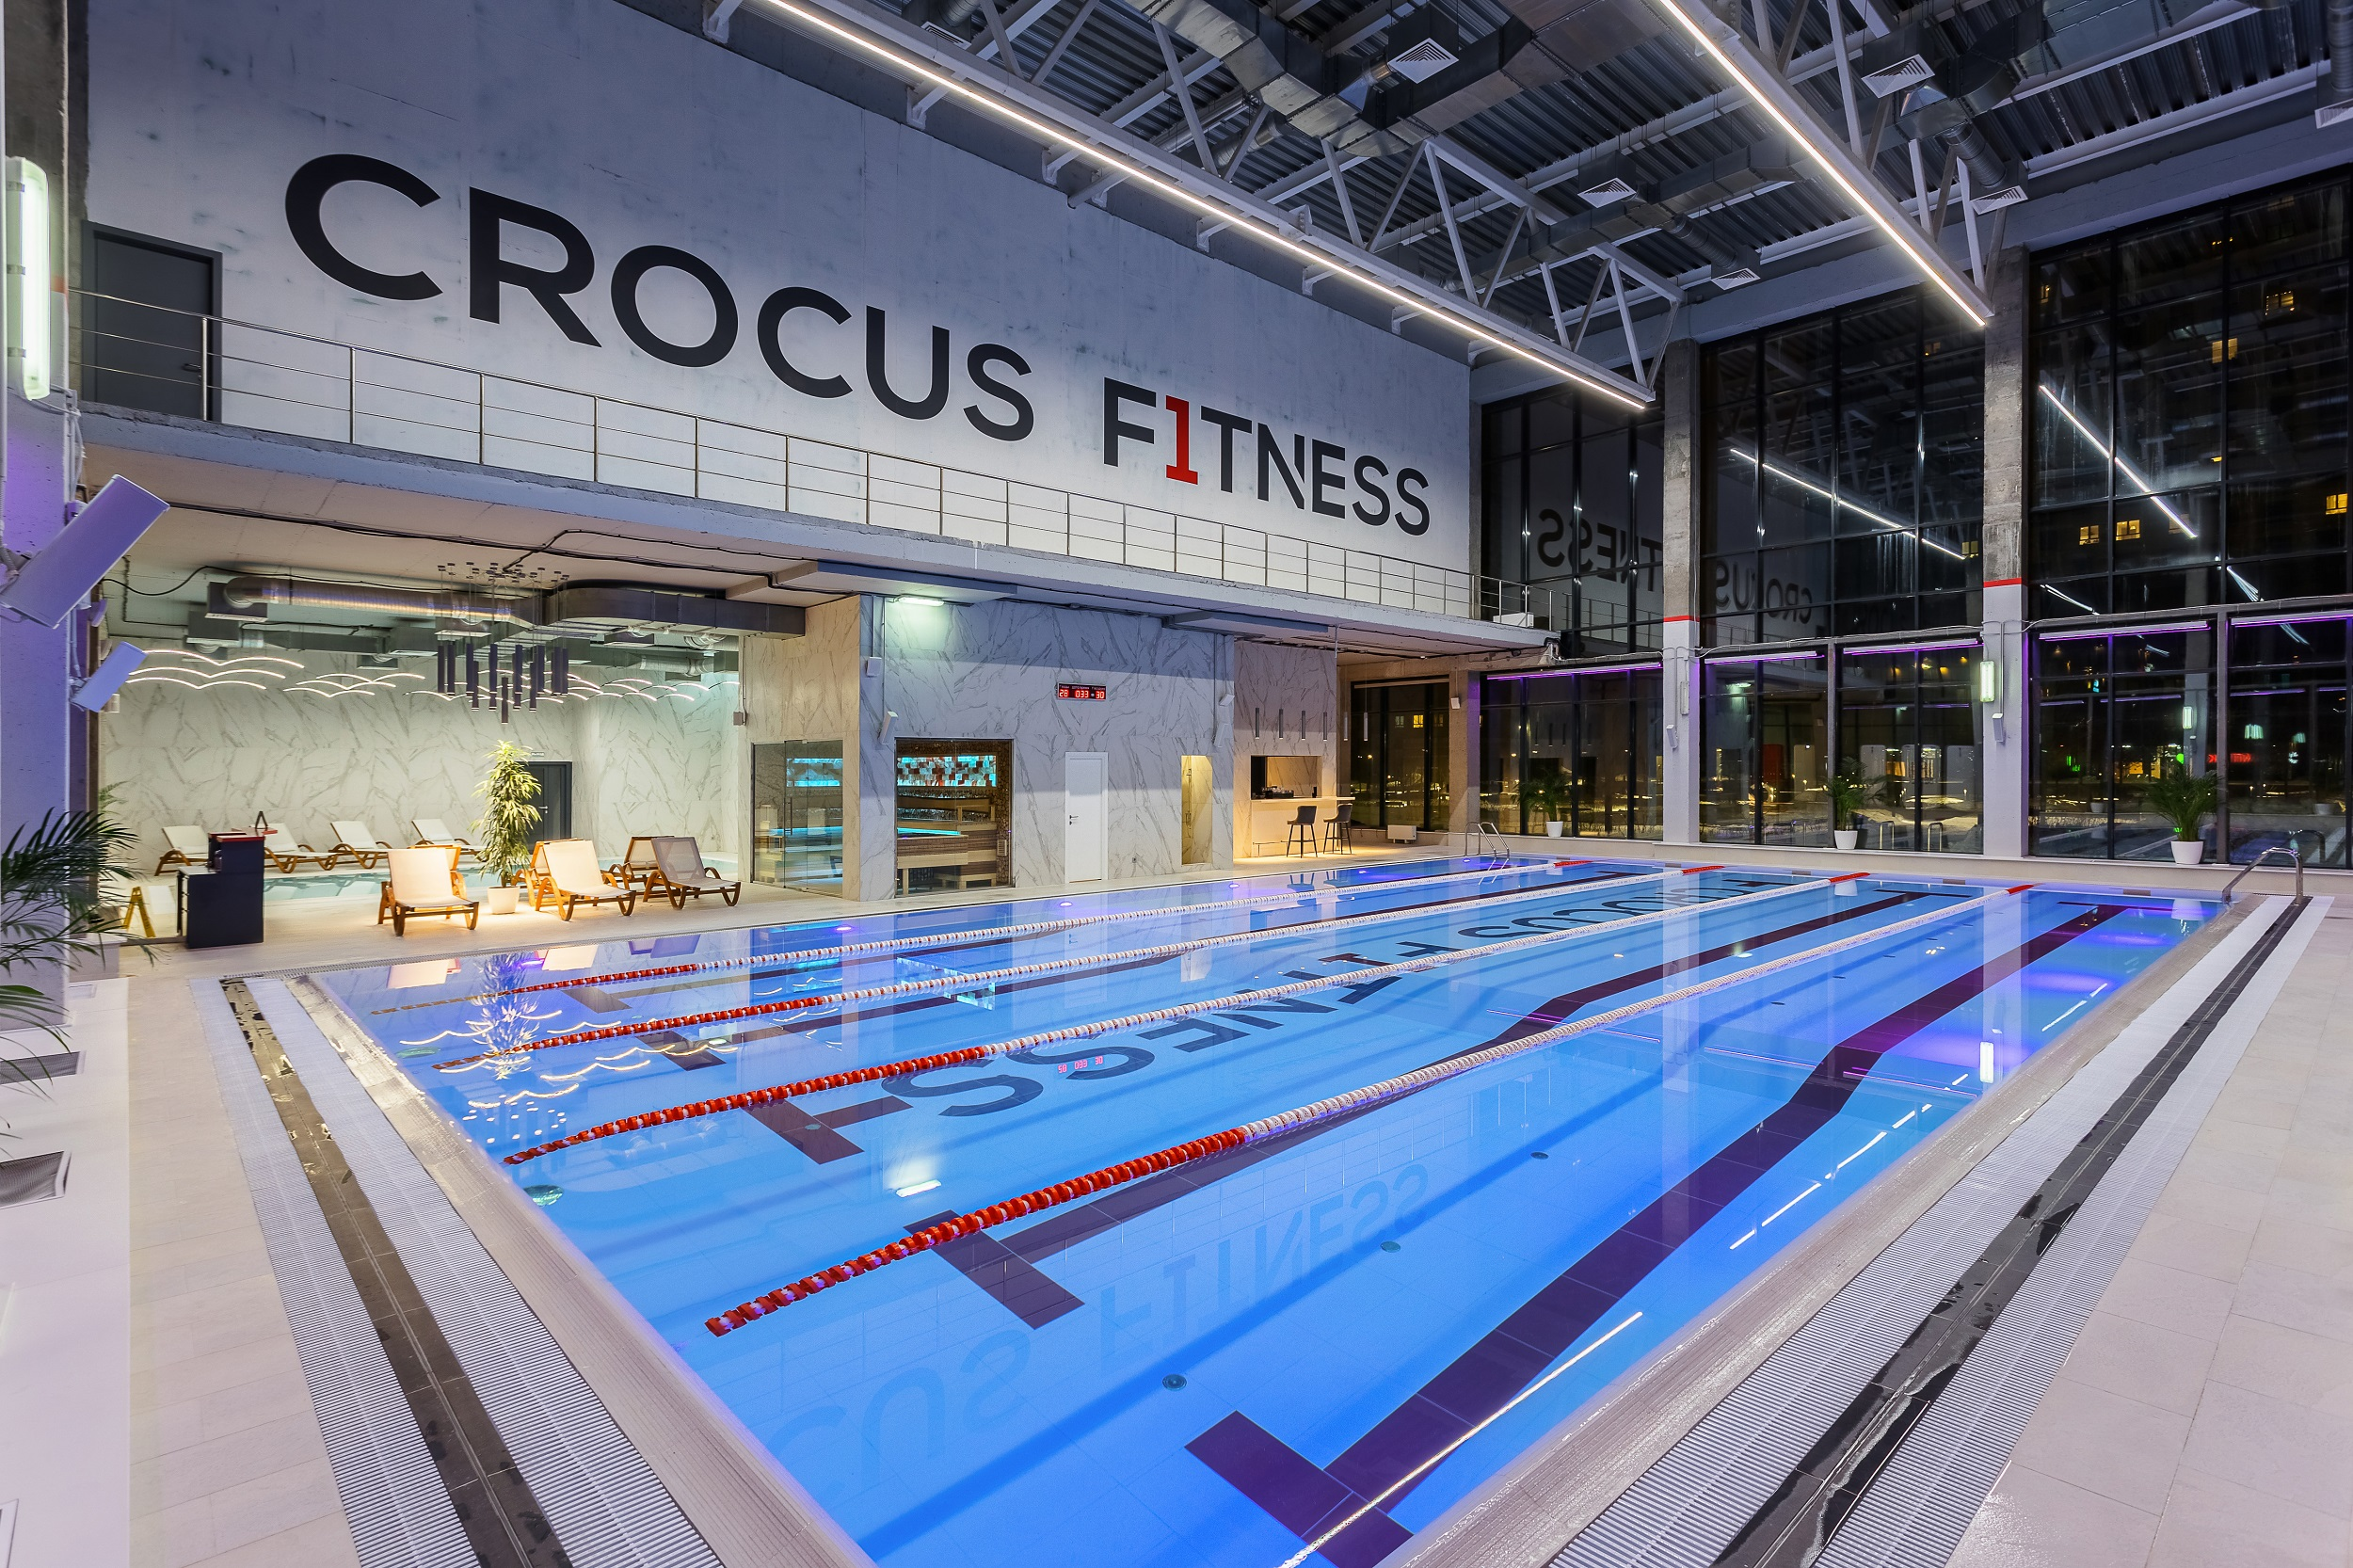 В доме ELEVEN откроется фитнес-клуб сети Crocus Fitness